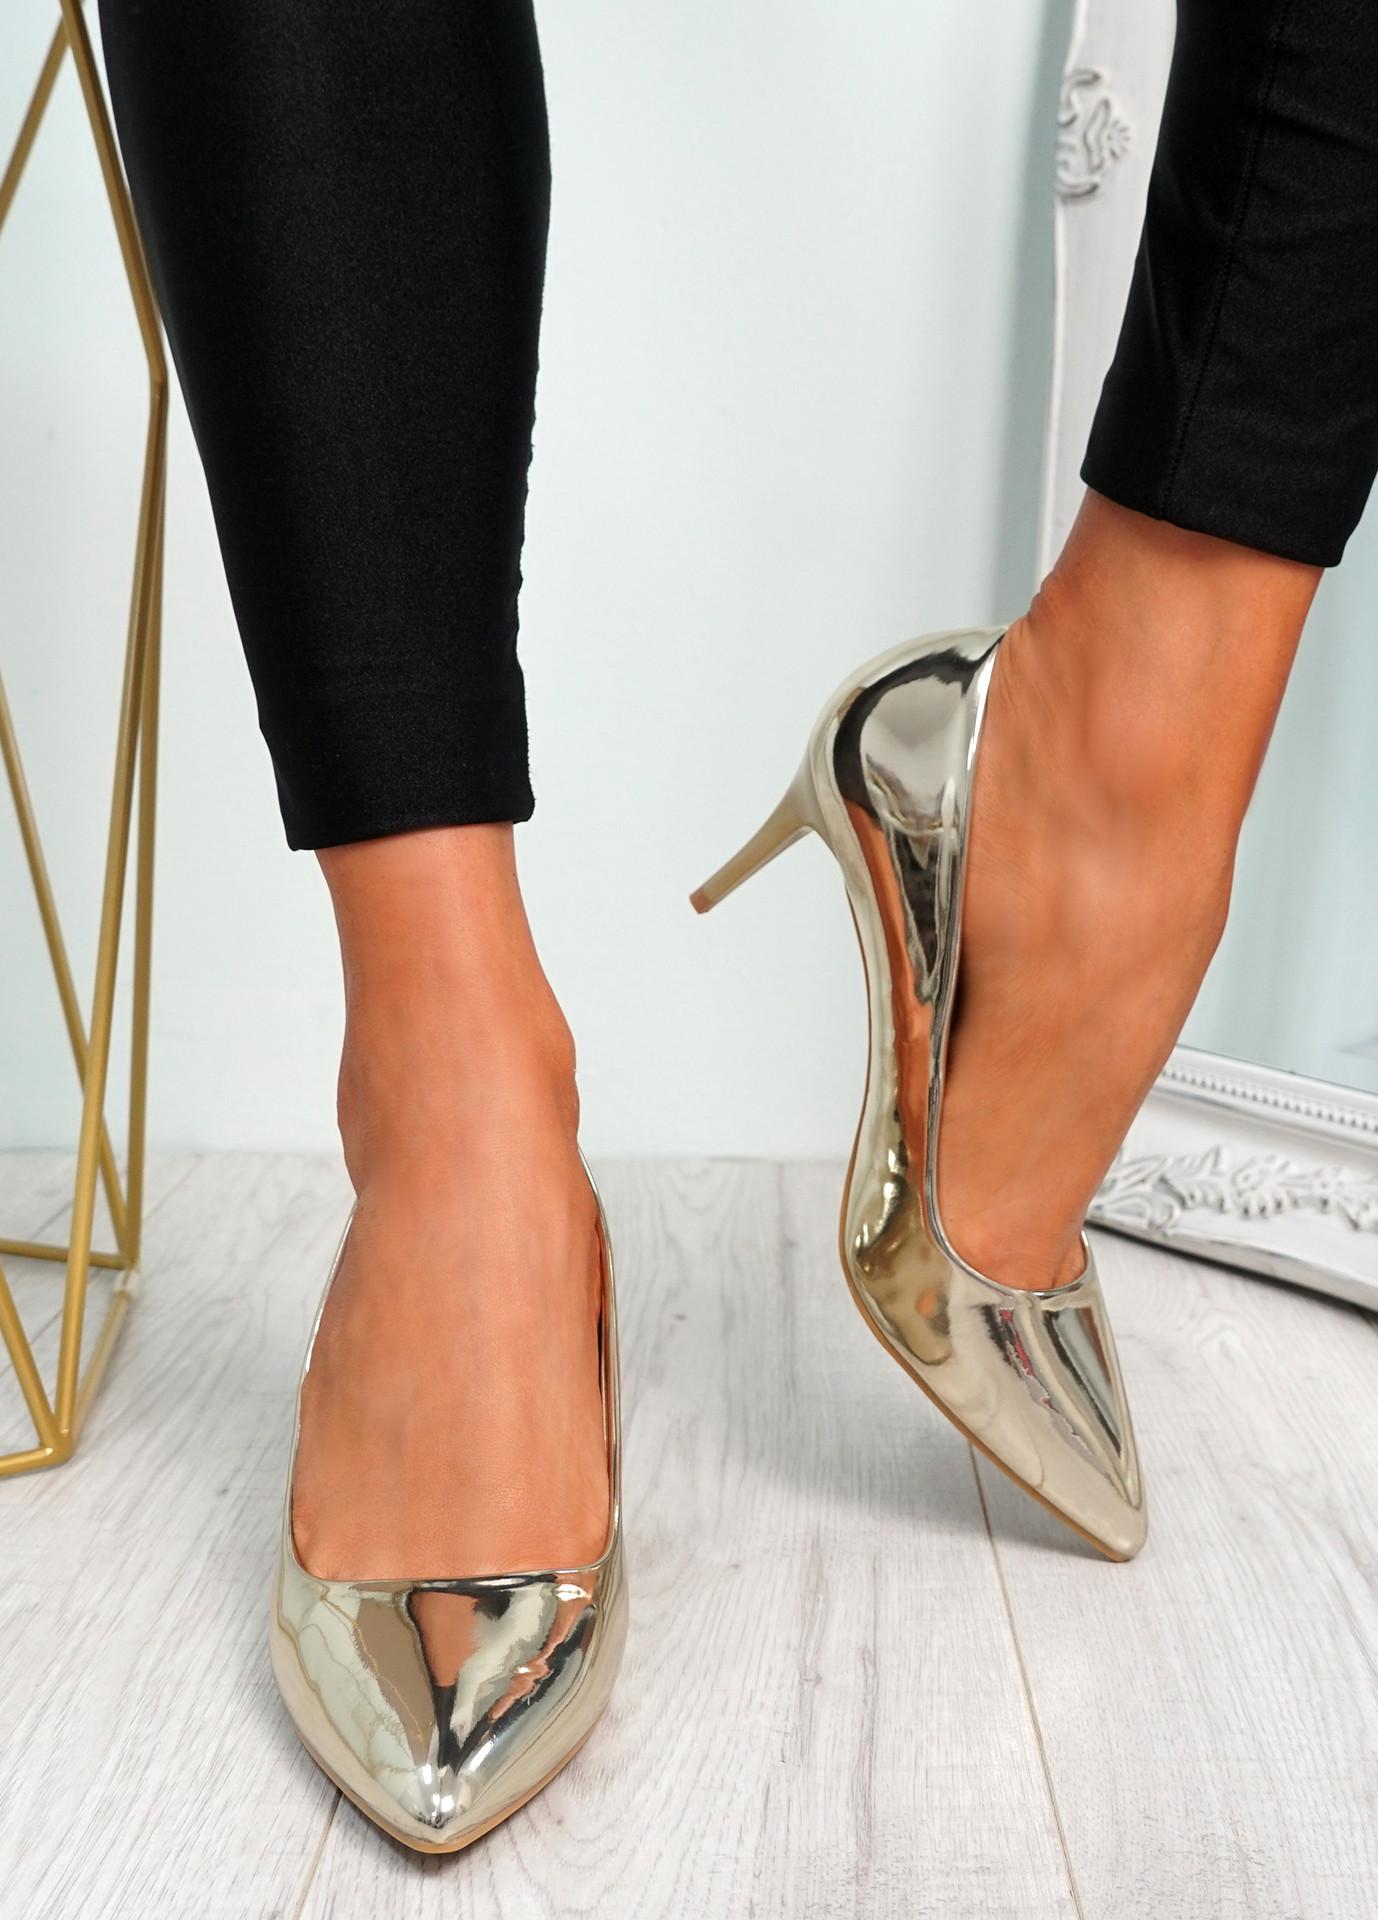 Votty Gold Stiletto Heel Pumps